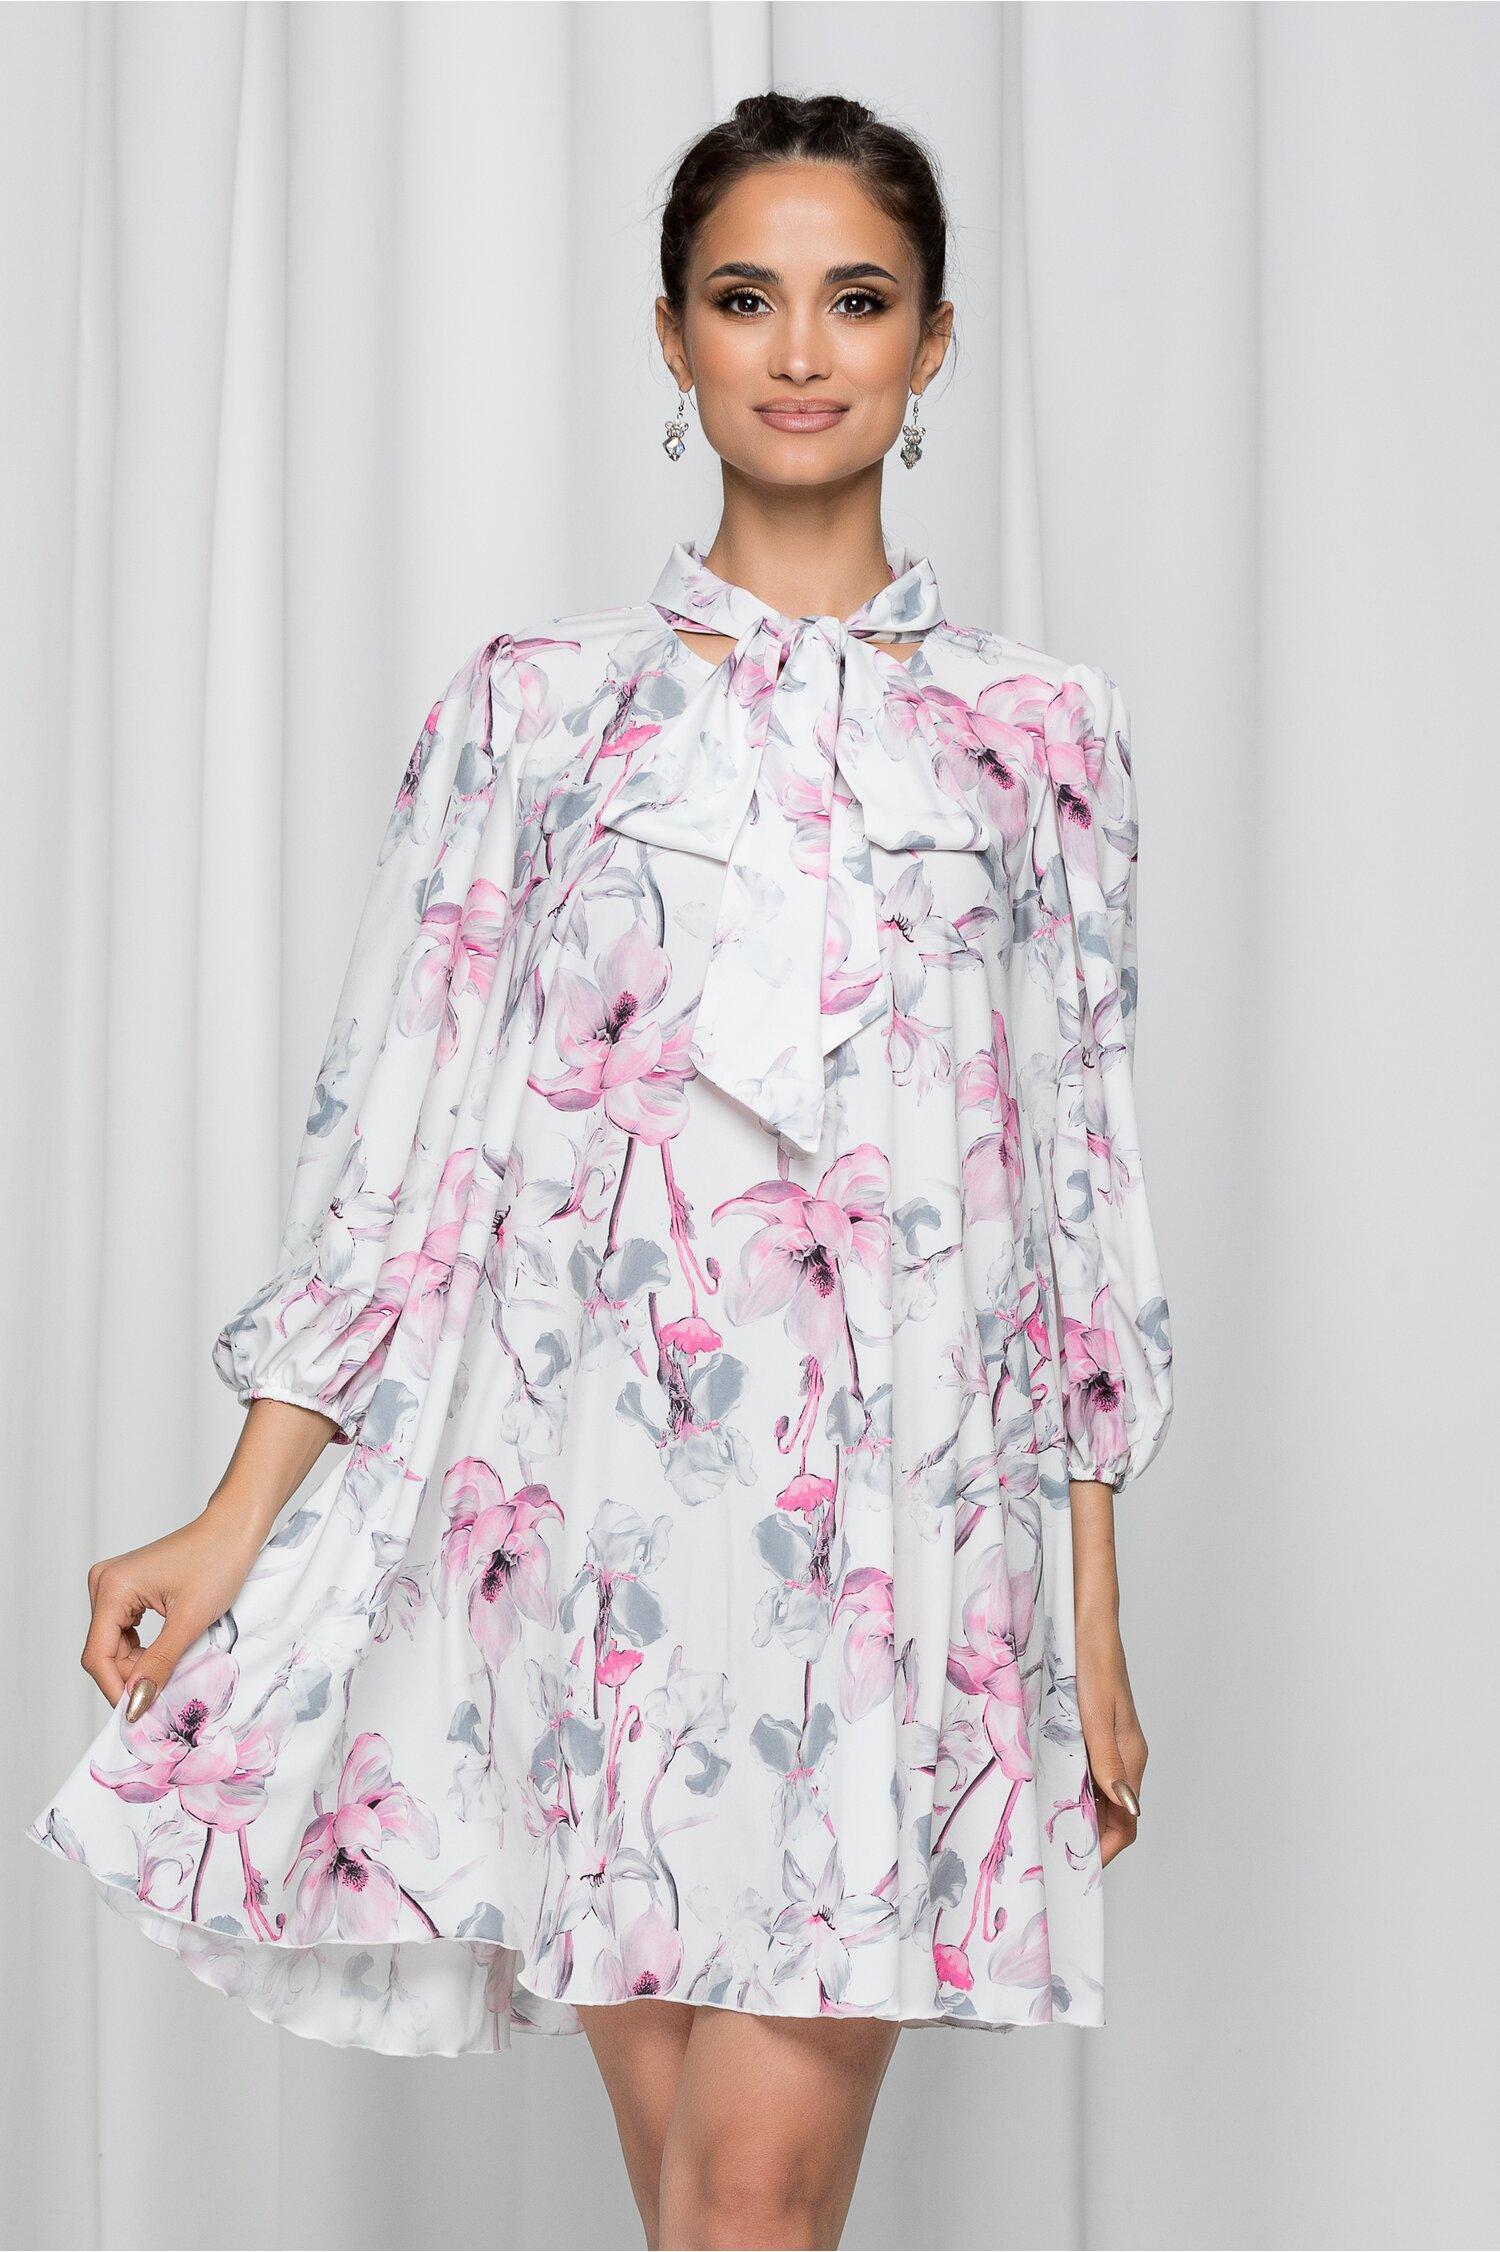 Rochie Mikaela alba cu guler tip esarfa si imprimeu floral roz